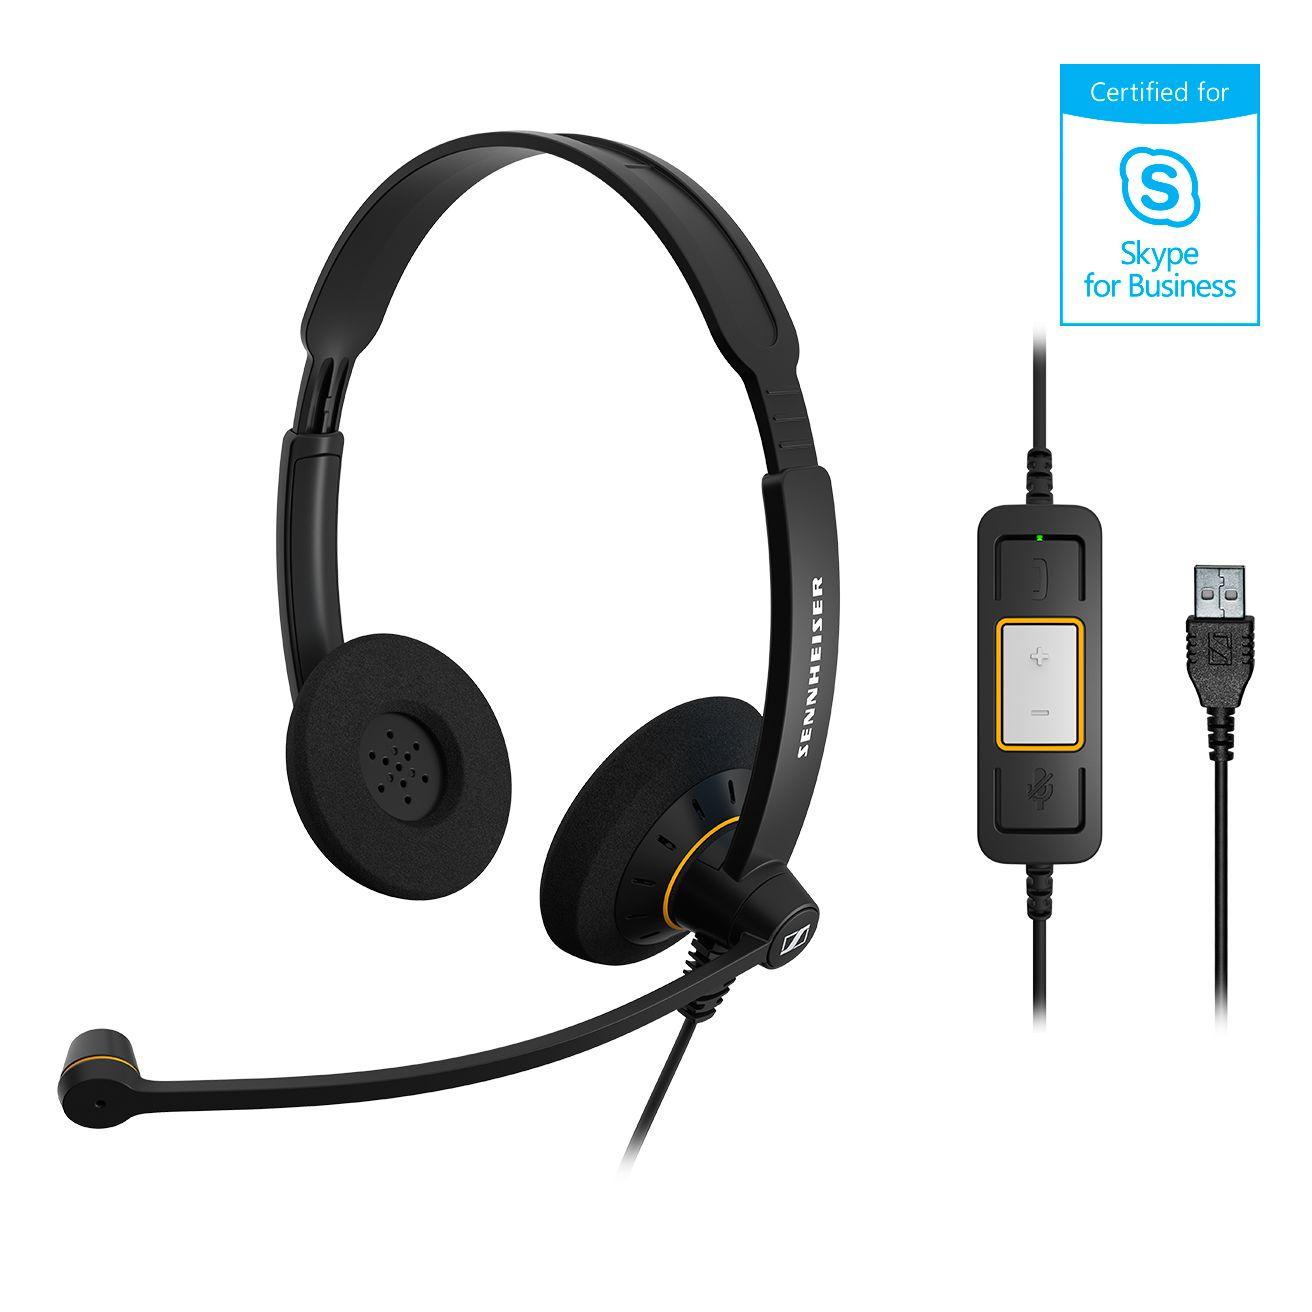 SENNHEISER(ゼンハイザー) SC 60 USB ML USBヘッドセット(両耳)(USB一体型) USB接続ケーブル